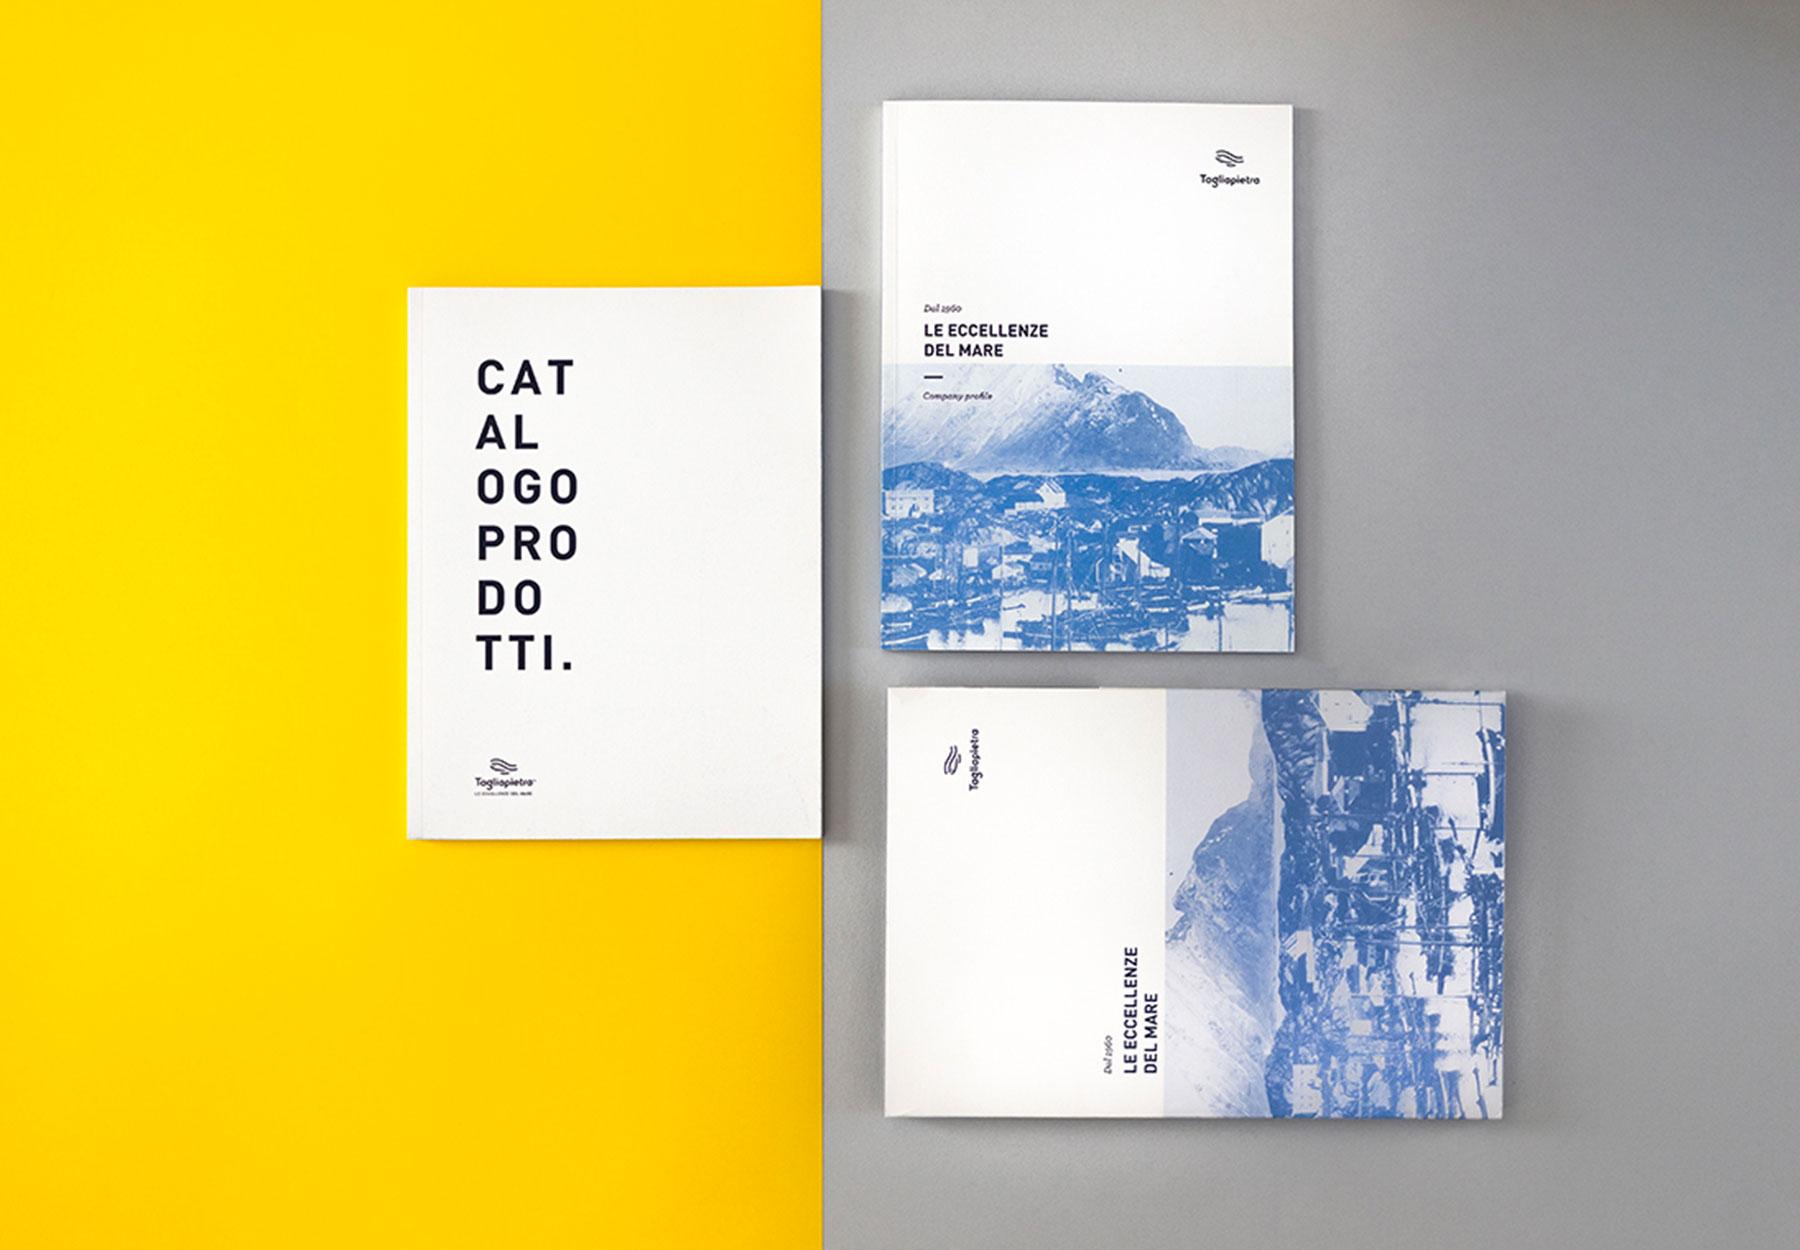 Progettazione linea cataloghi Tagliapietra Dry Studio